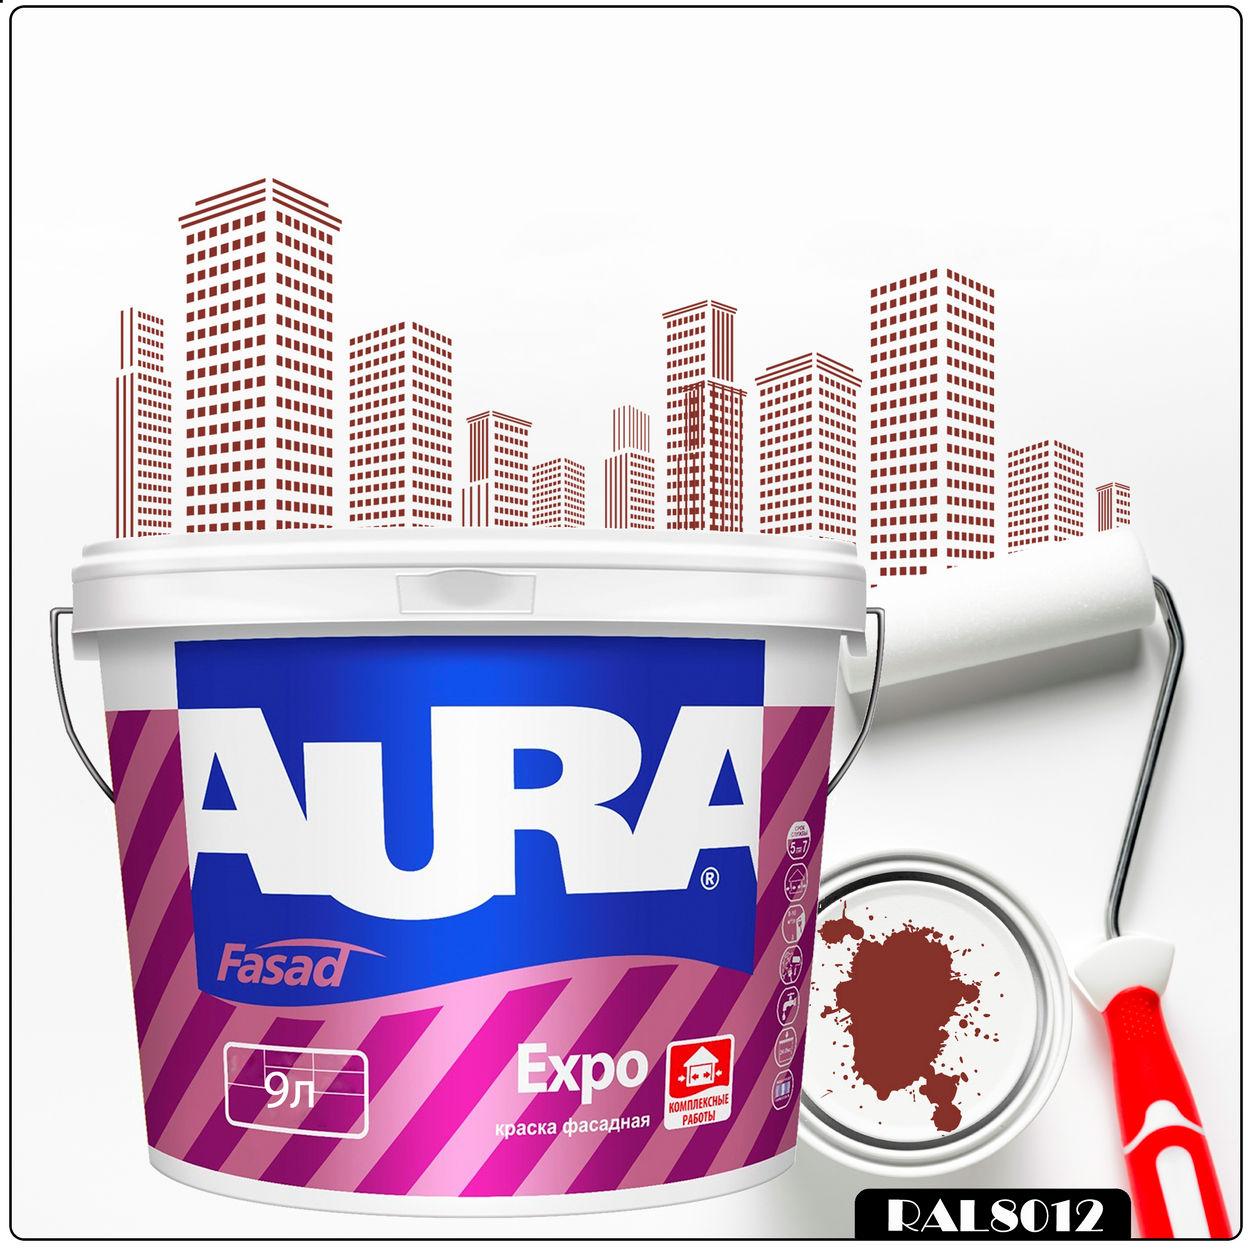 Фото 9 - Краска Aura Fasad Expo, RAL 8012 Красно-Коричневый, матовая, для фасадов и помещений с повышенной влажностью, 9л.